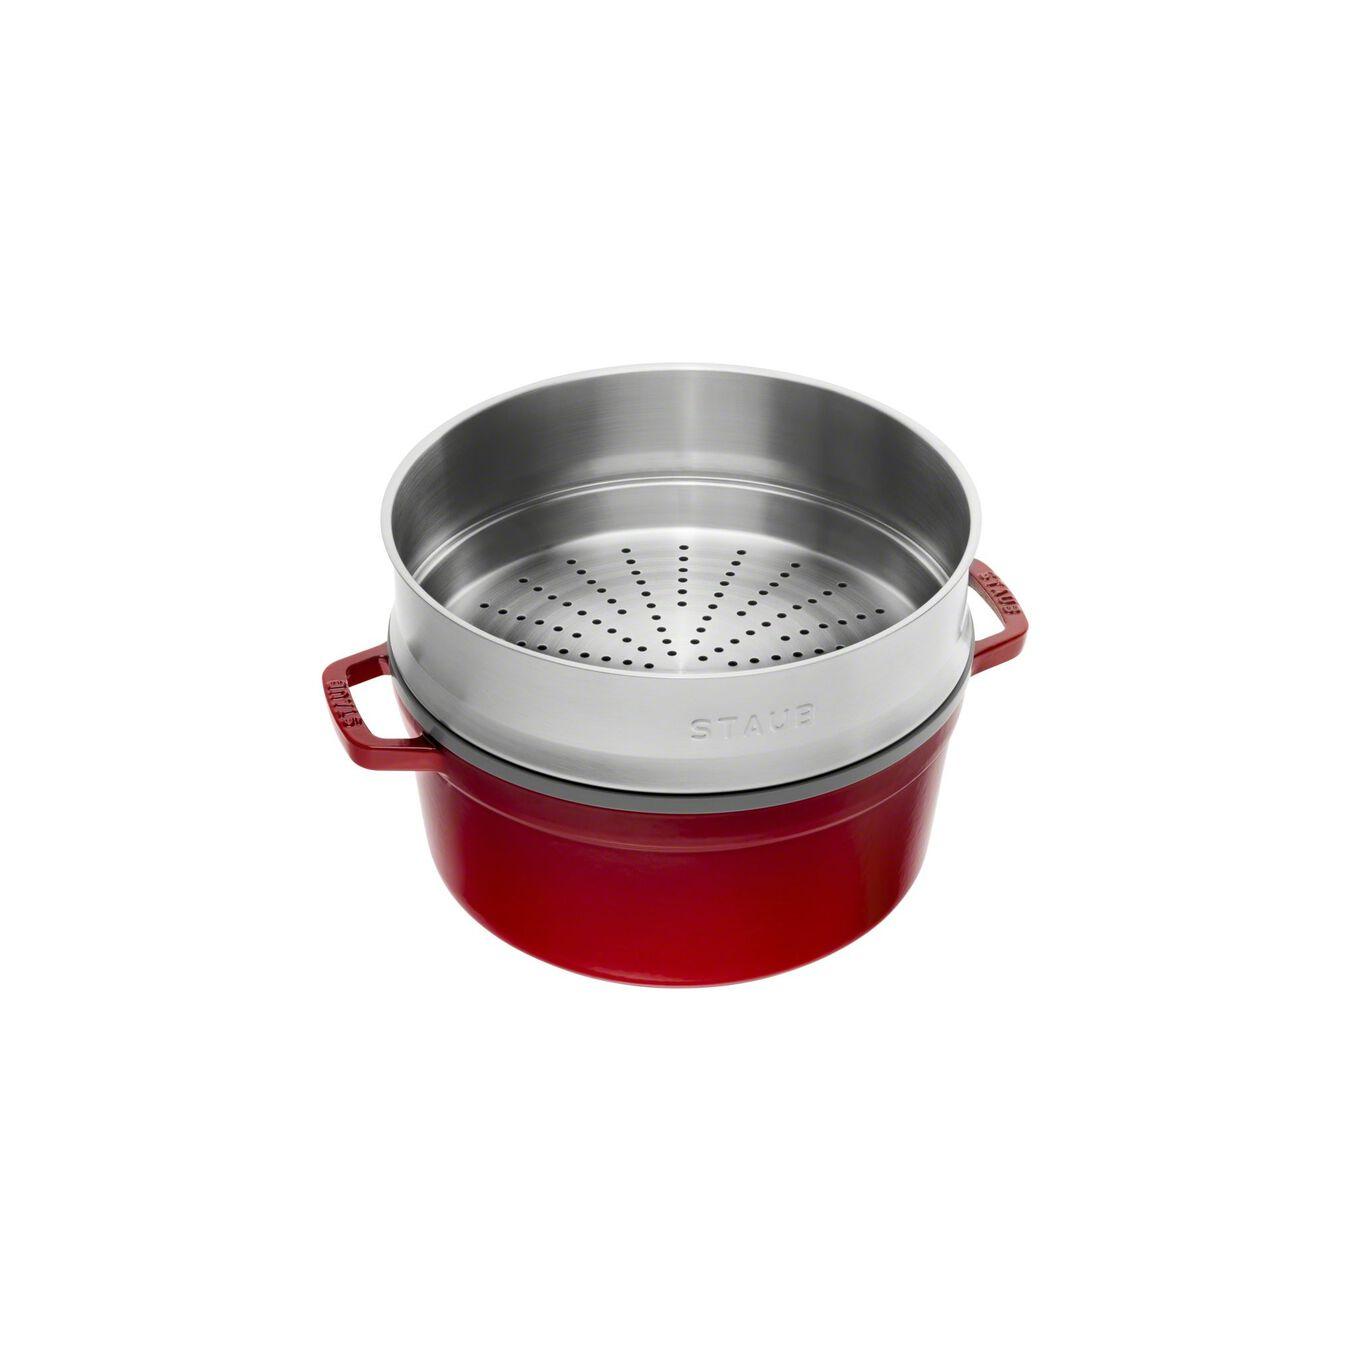 Cocotte avec panier vapeur 26 cm, Rond(e), Cerise, Fonte,,large 2